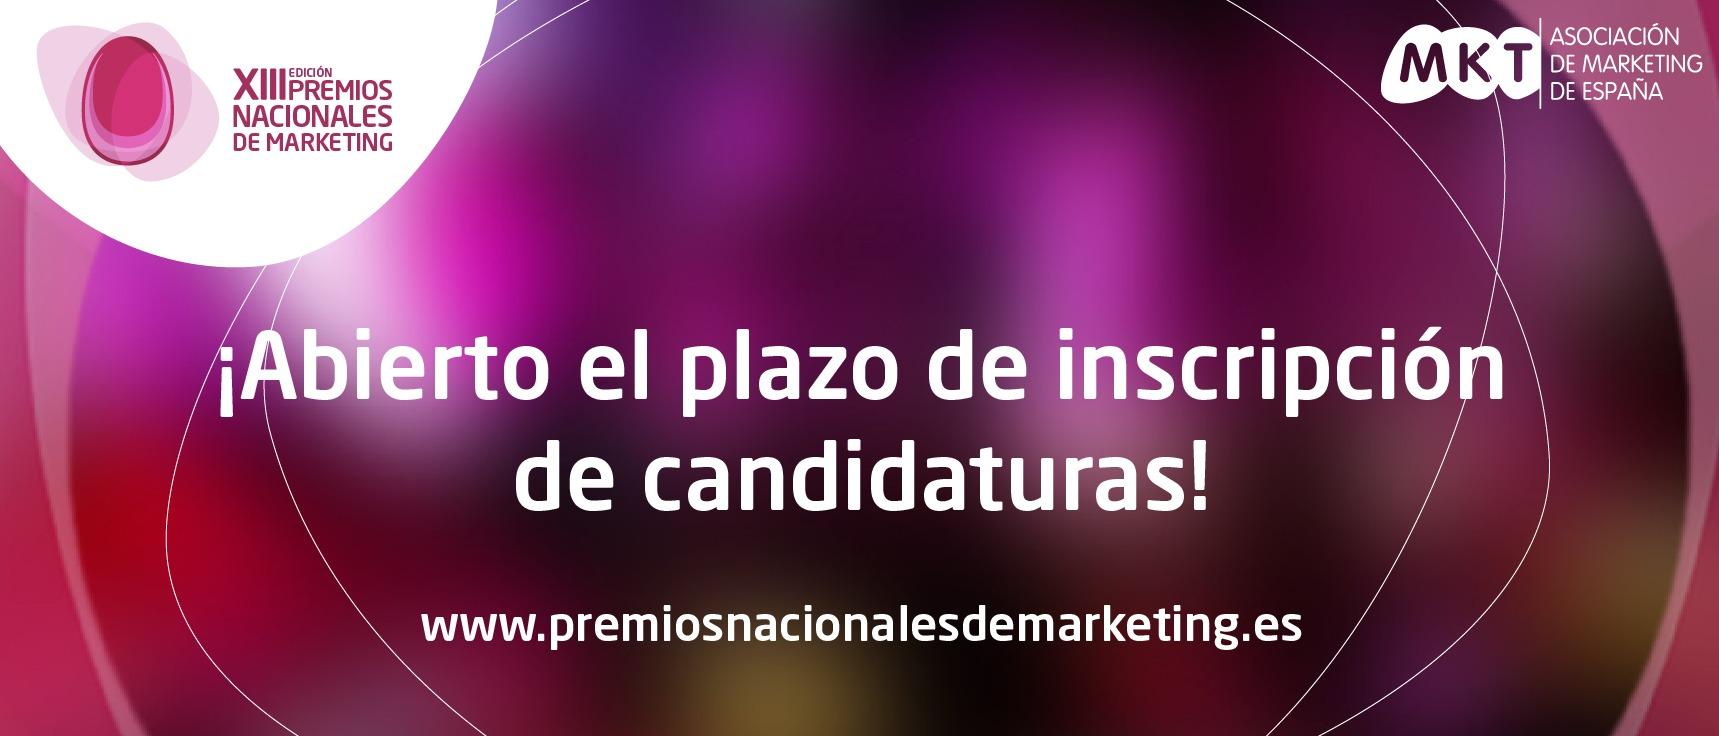 Candidaturas Premios MKT